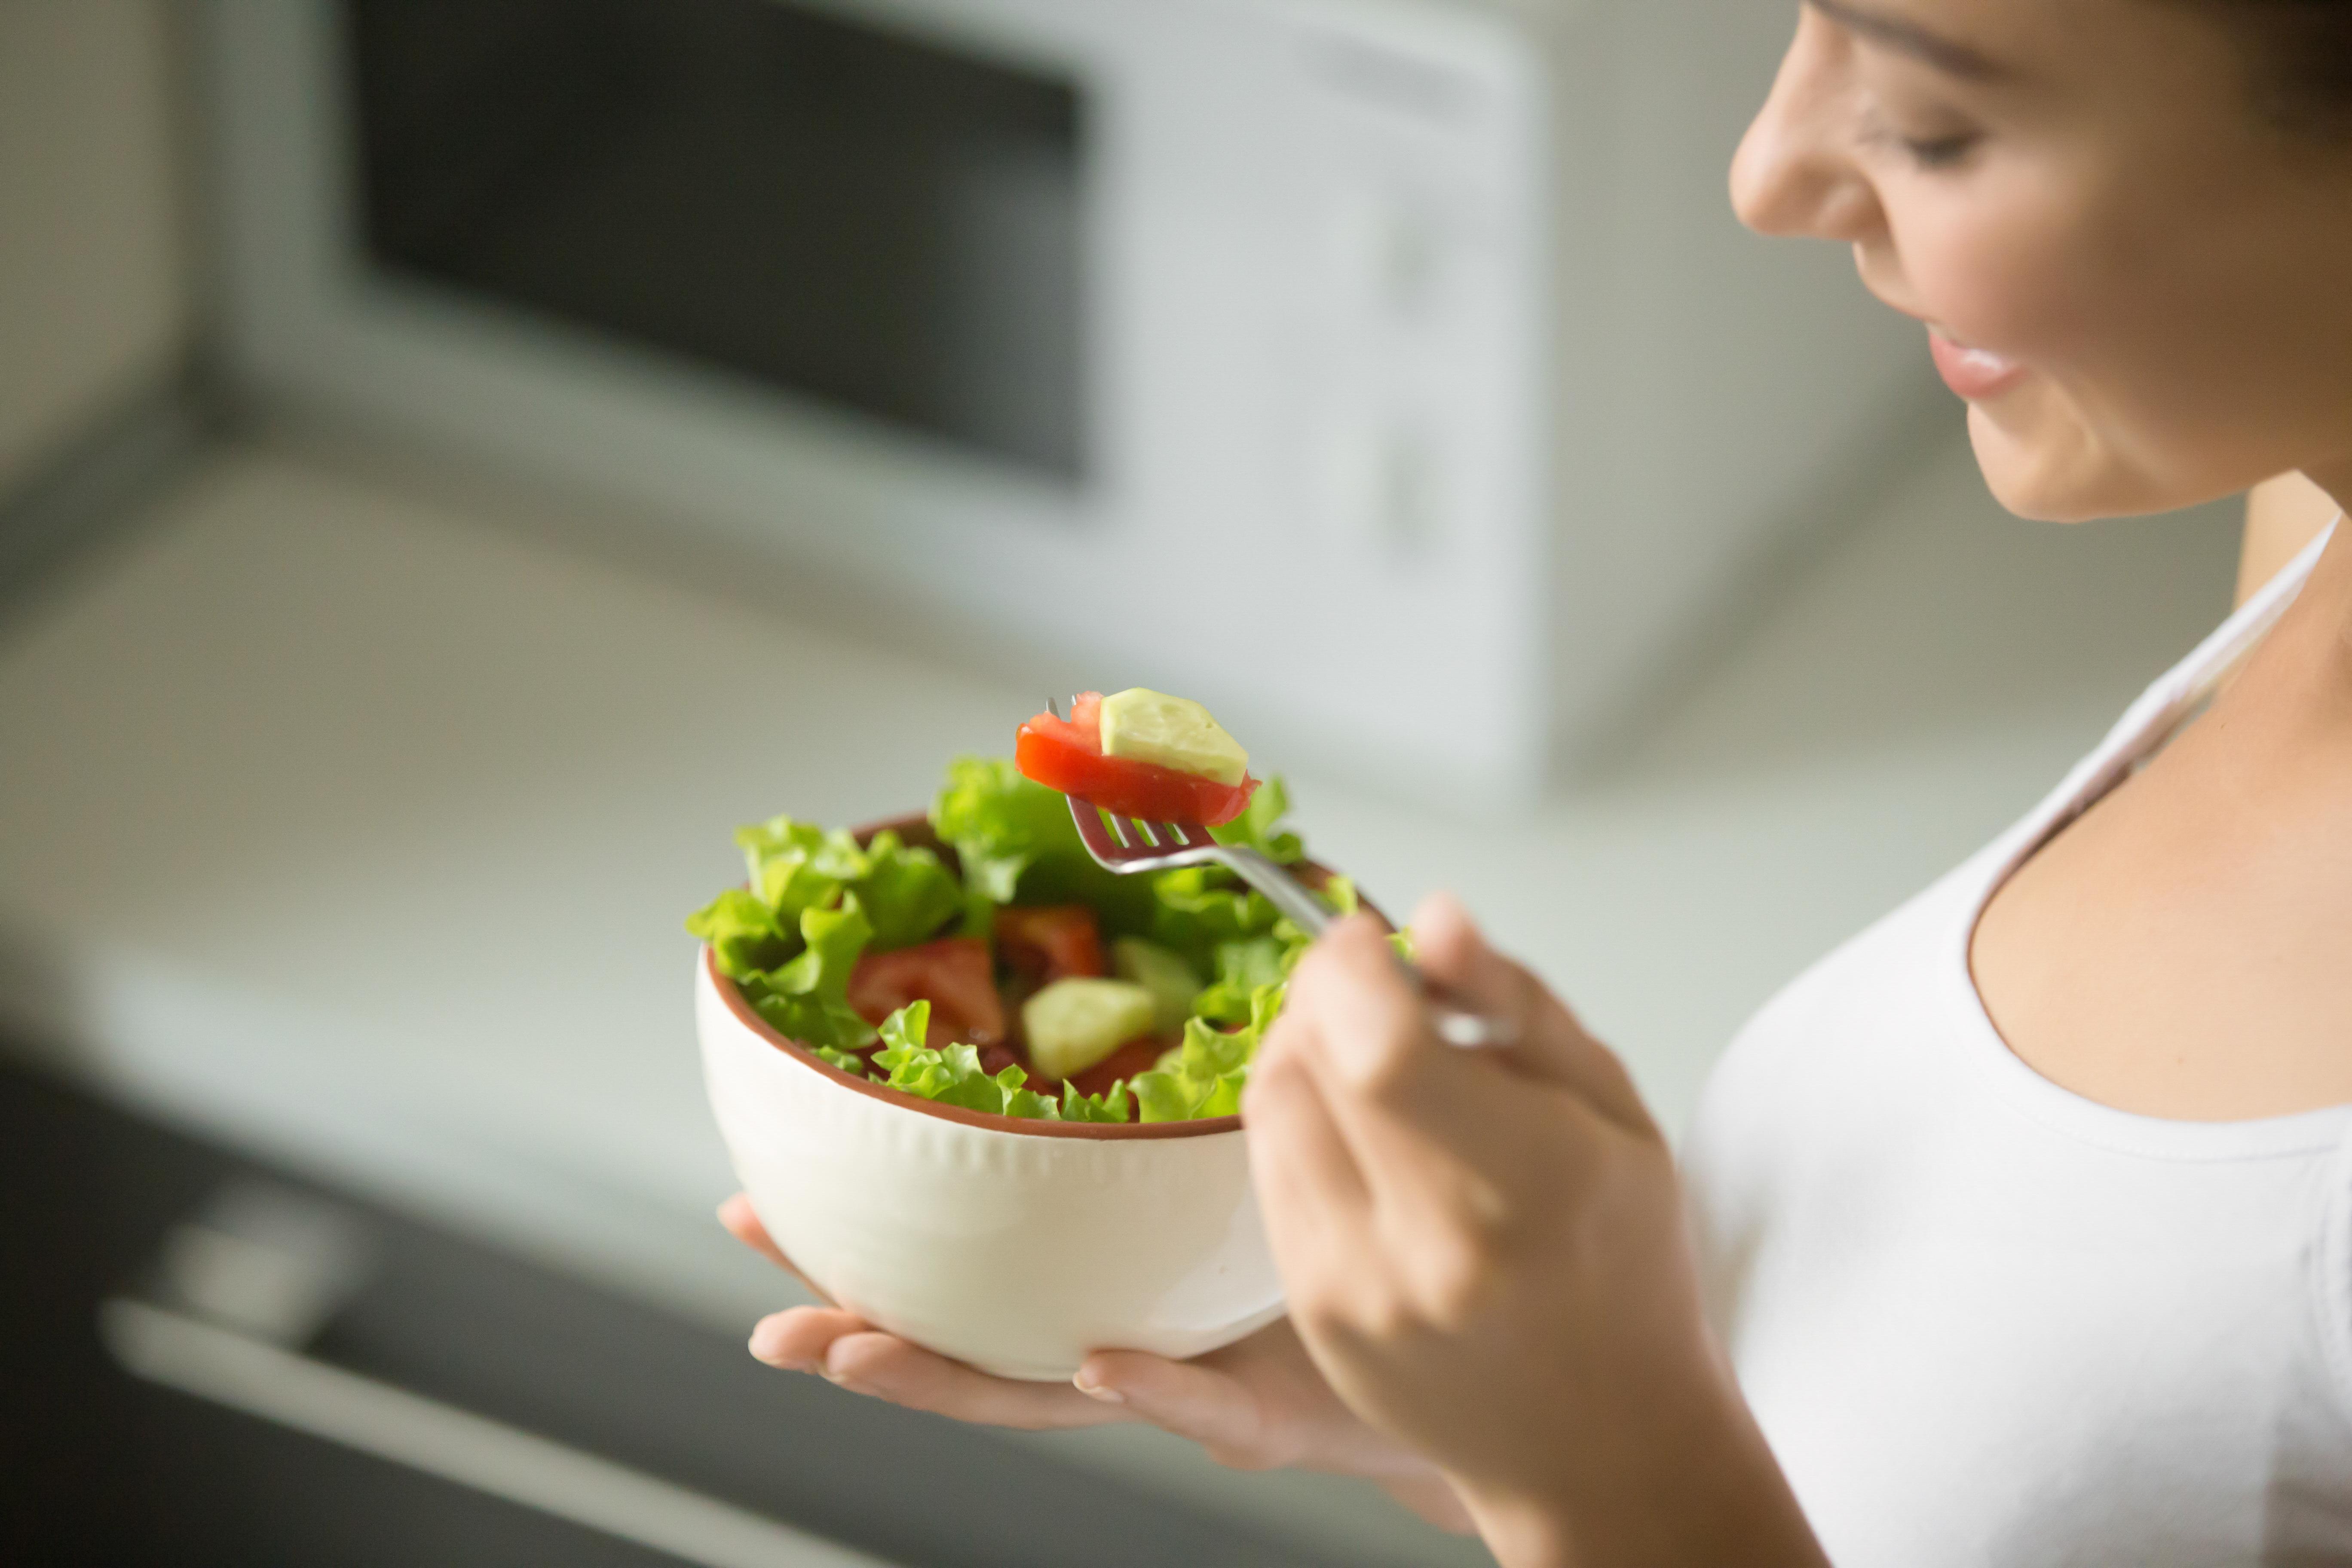 Ficar muito tempo sem se alimentar pode causar gastrite